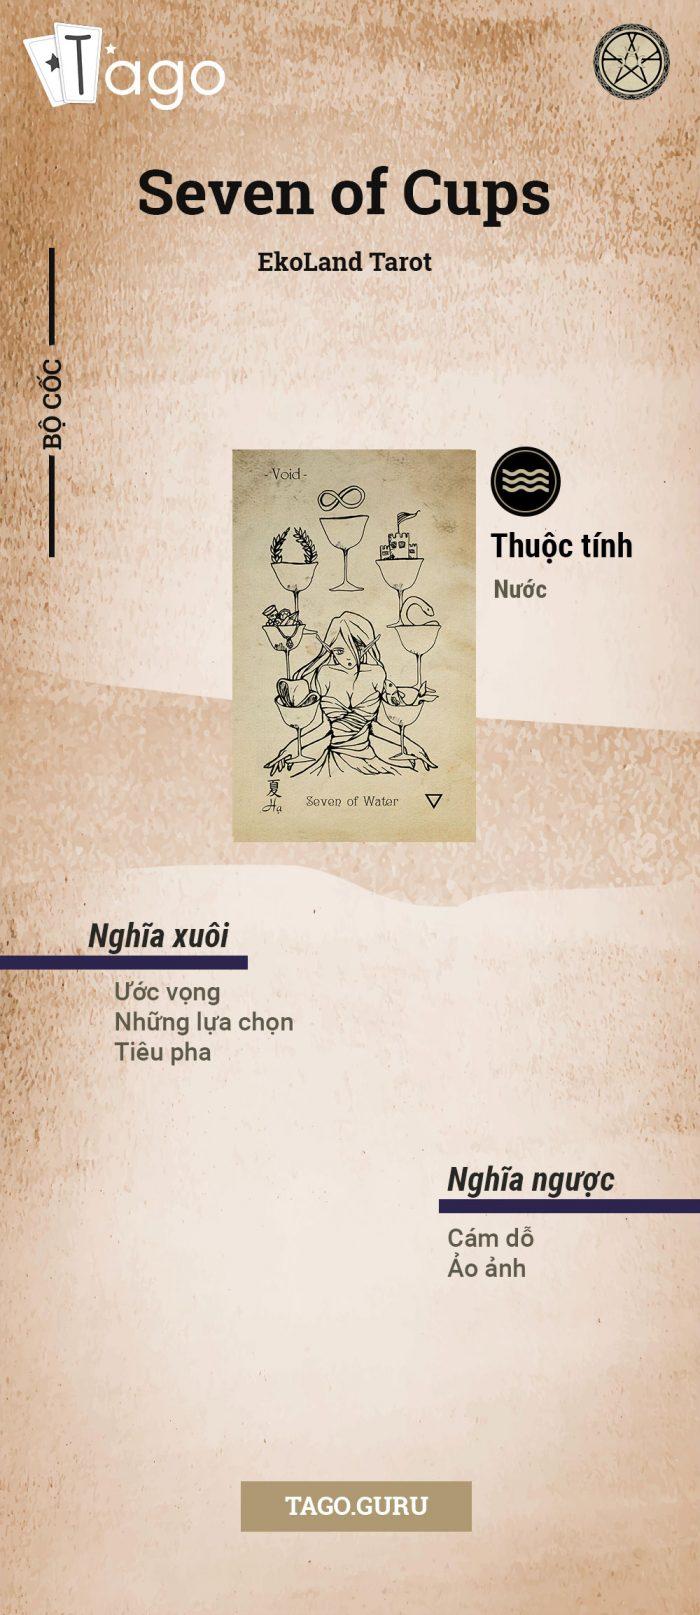 TAGO-No-Info-Bai-Tarot-Seven-of-cups